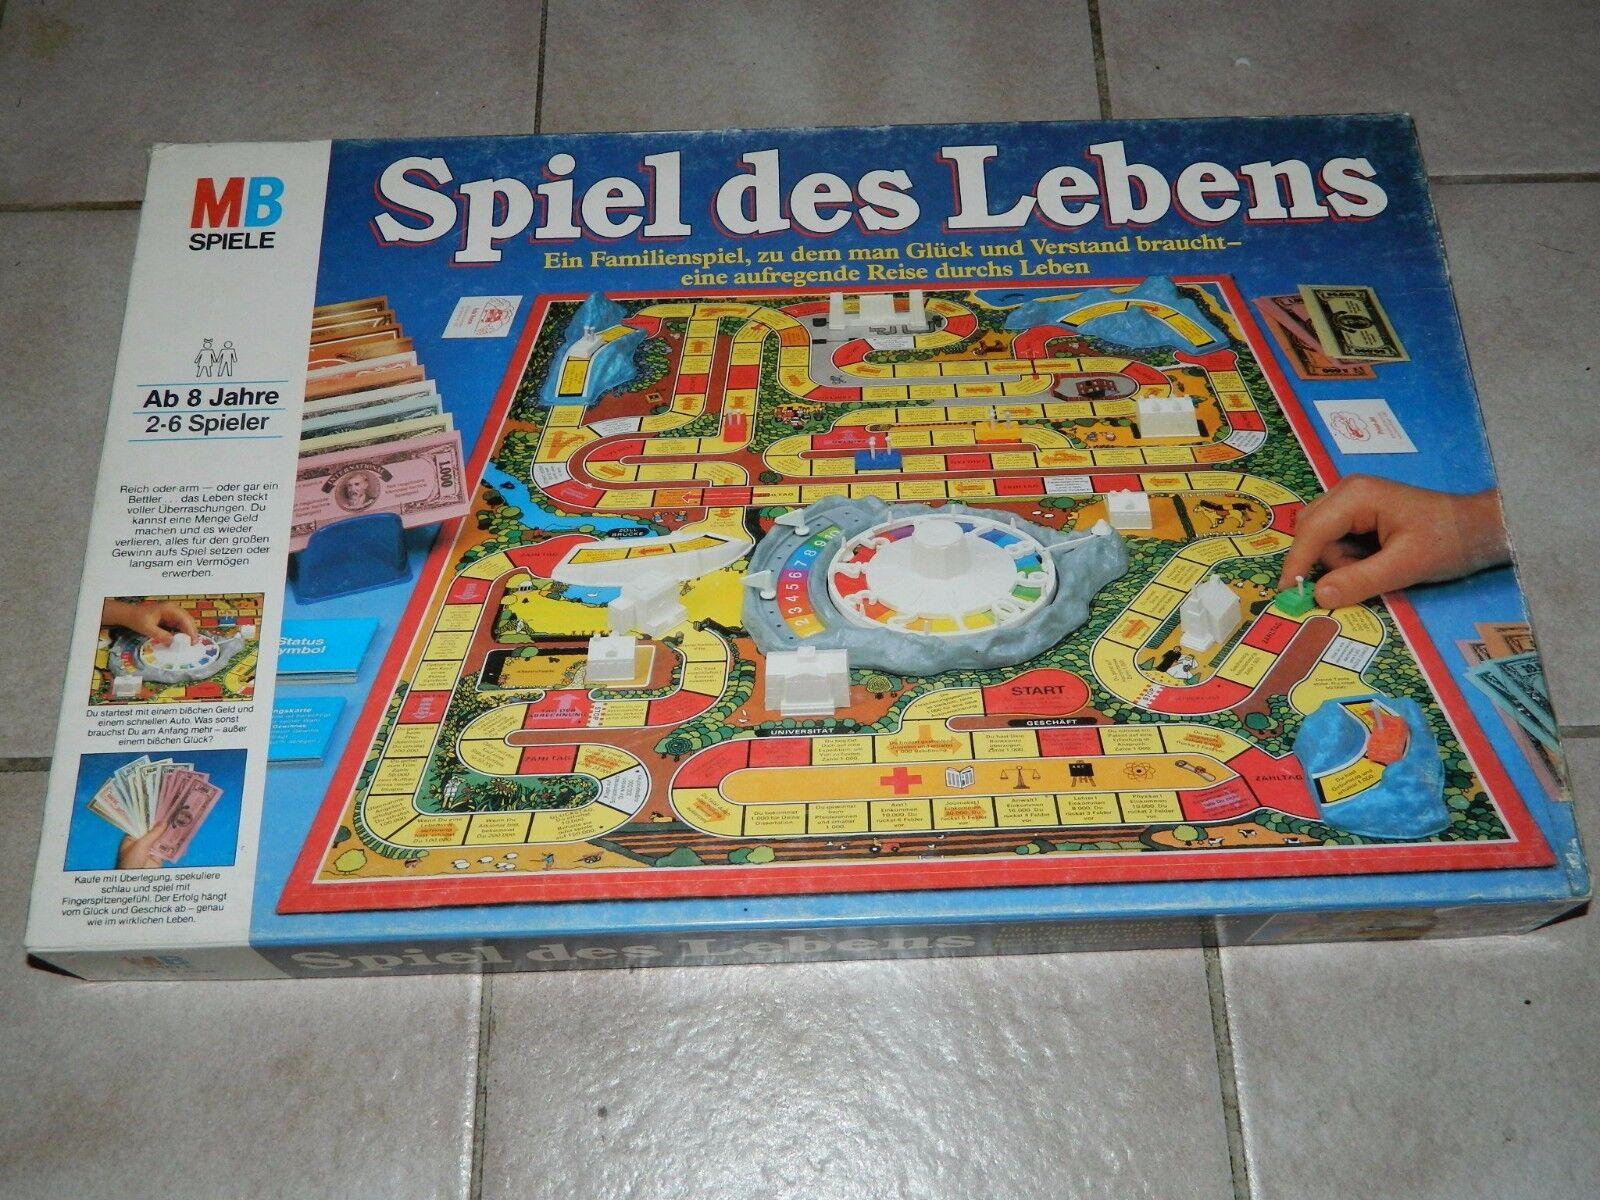 MB Spiele - Spiel des Lebens - - - ca. 1984 - blauer Karton - guter Zustand - Kult 1ec156